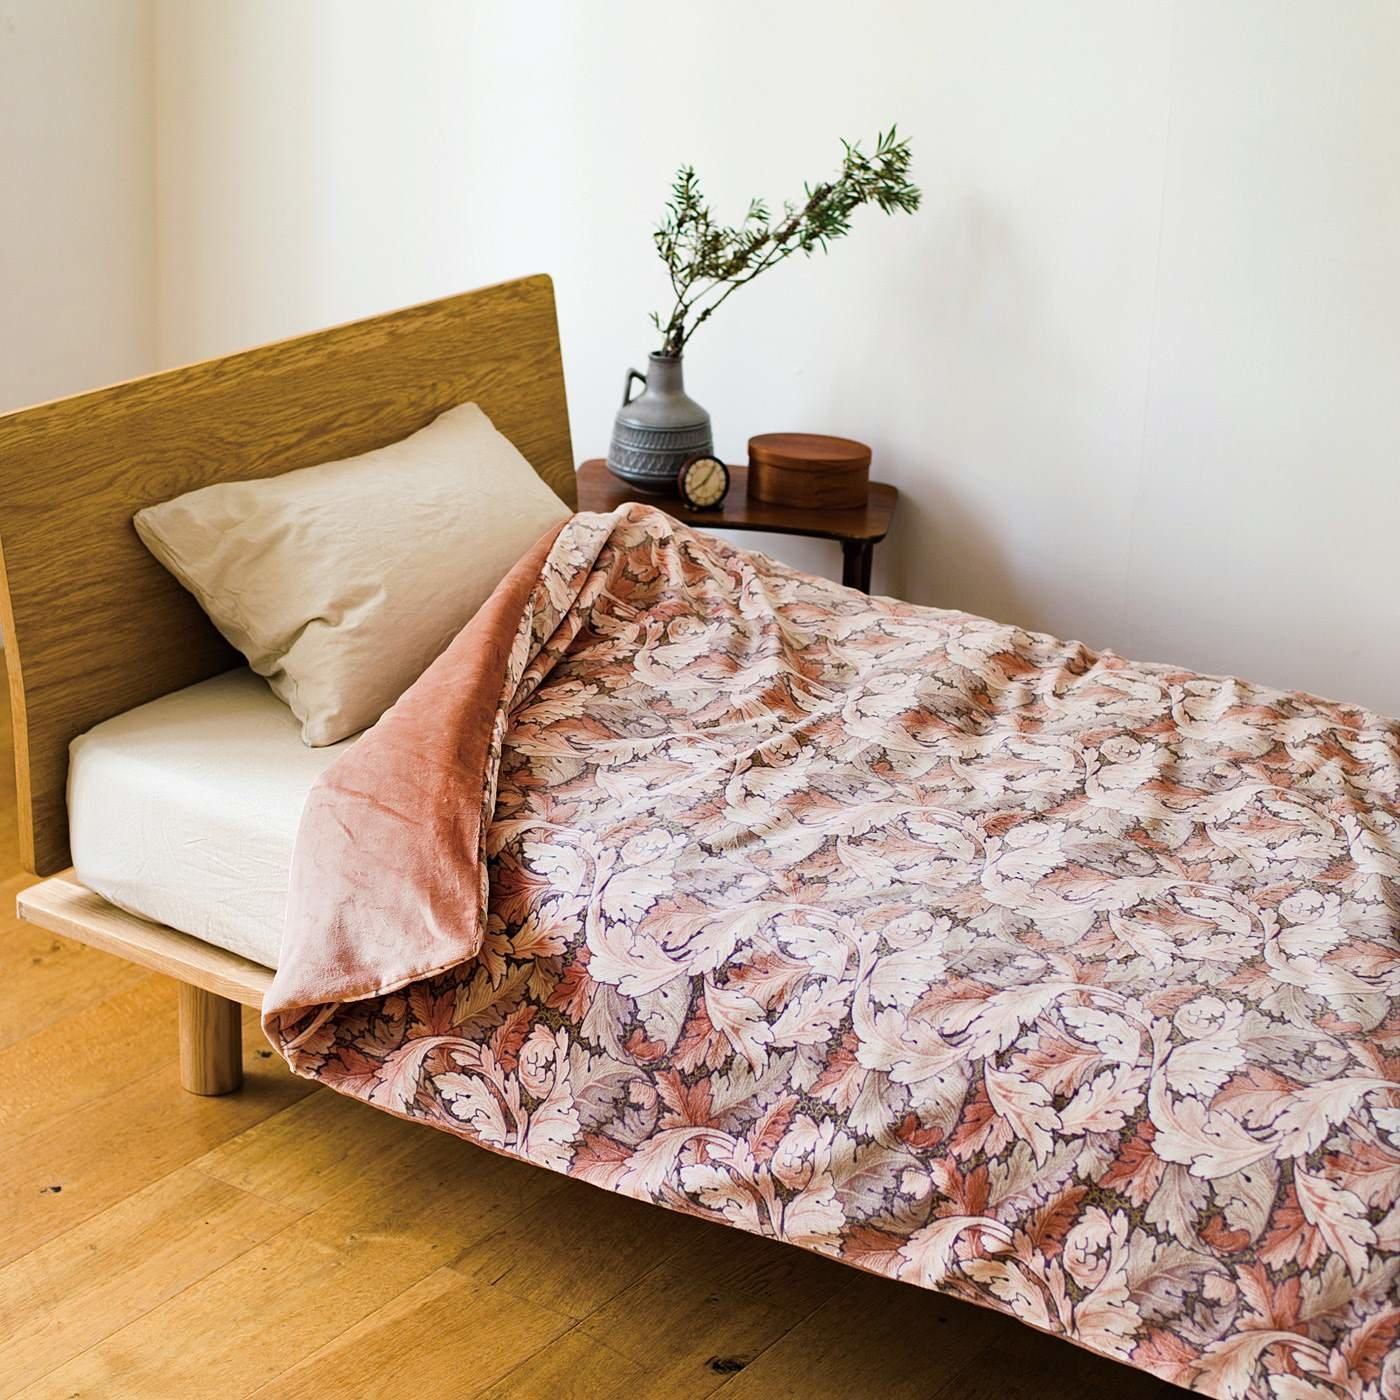 V&A Arts&Crafts collection とことん眠りにこだわった 綿起毛でリッチな寝心地 ウォームパイル 掛けふとんカバー アカンサス〈シングル〉